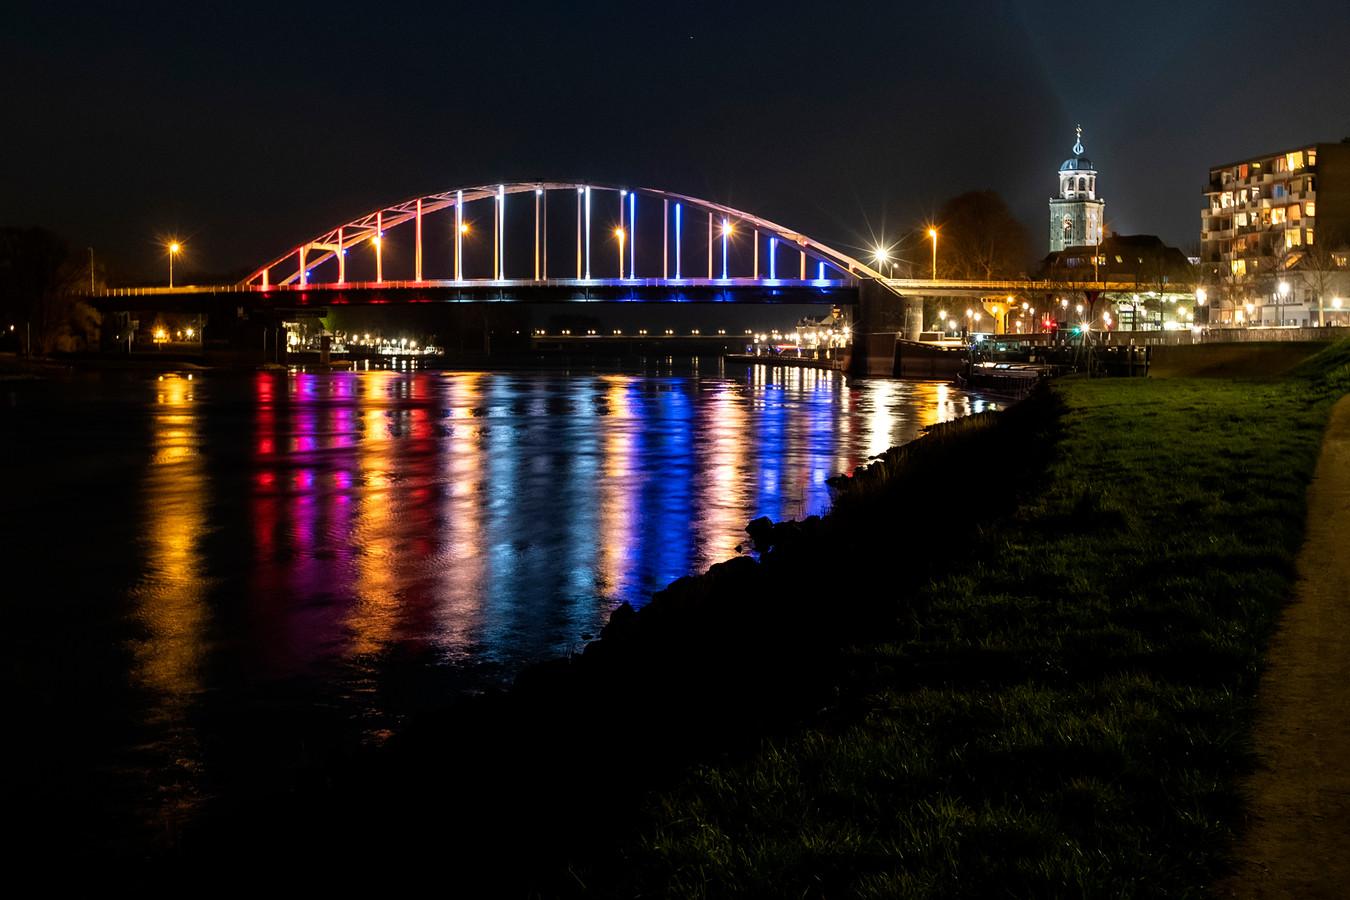 De Wilhelminabrug in Deventer wordt bij speciale evenementen verlicht. Hier tijdens de viering van 75 jaar vrijheid in de stad afgelopen april.